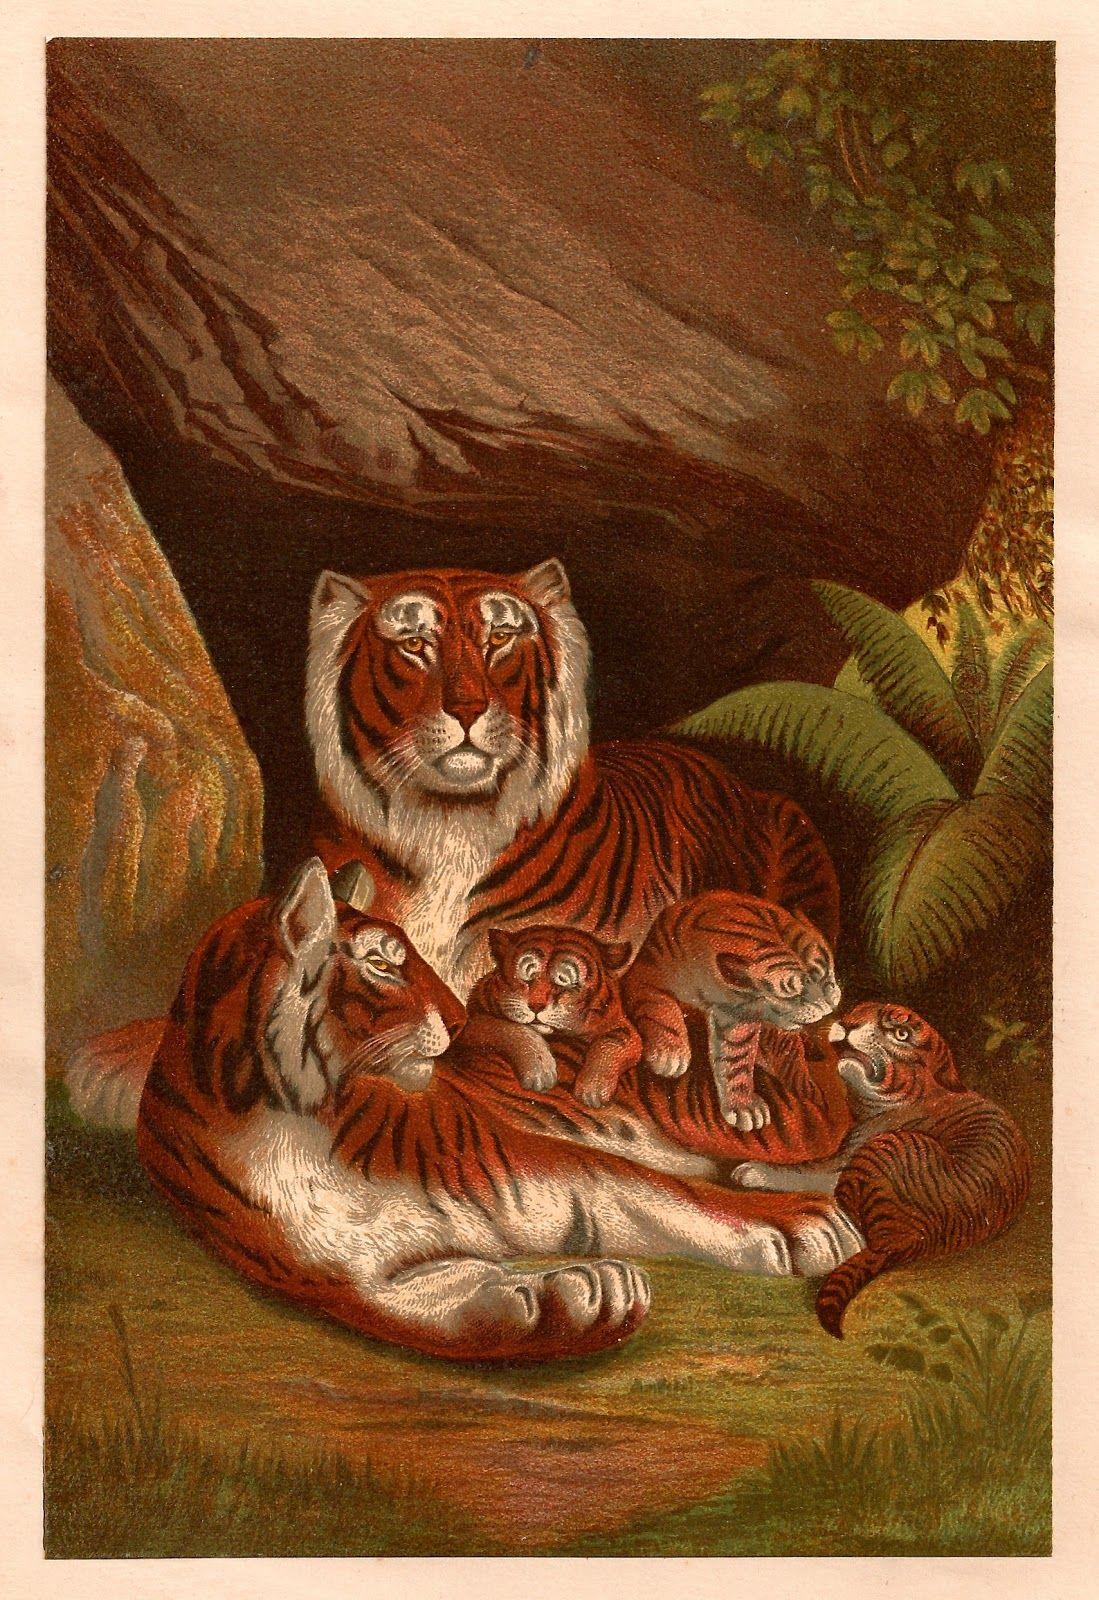 1099x1600 Antique Images Free Animal Graphic Antique, 1885 Illustration